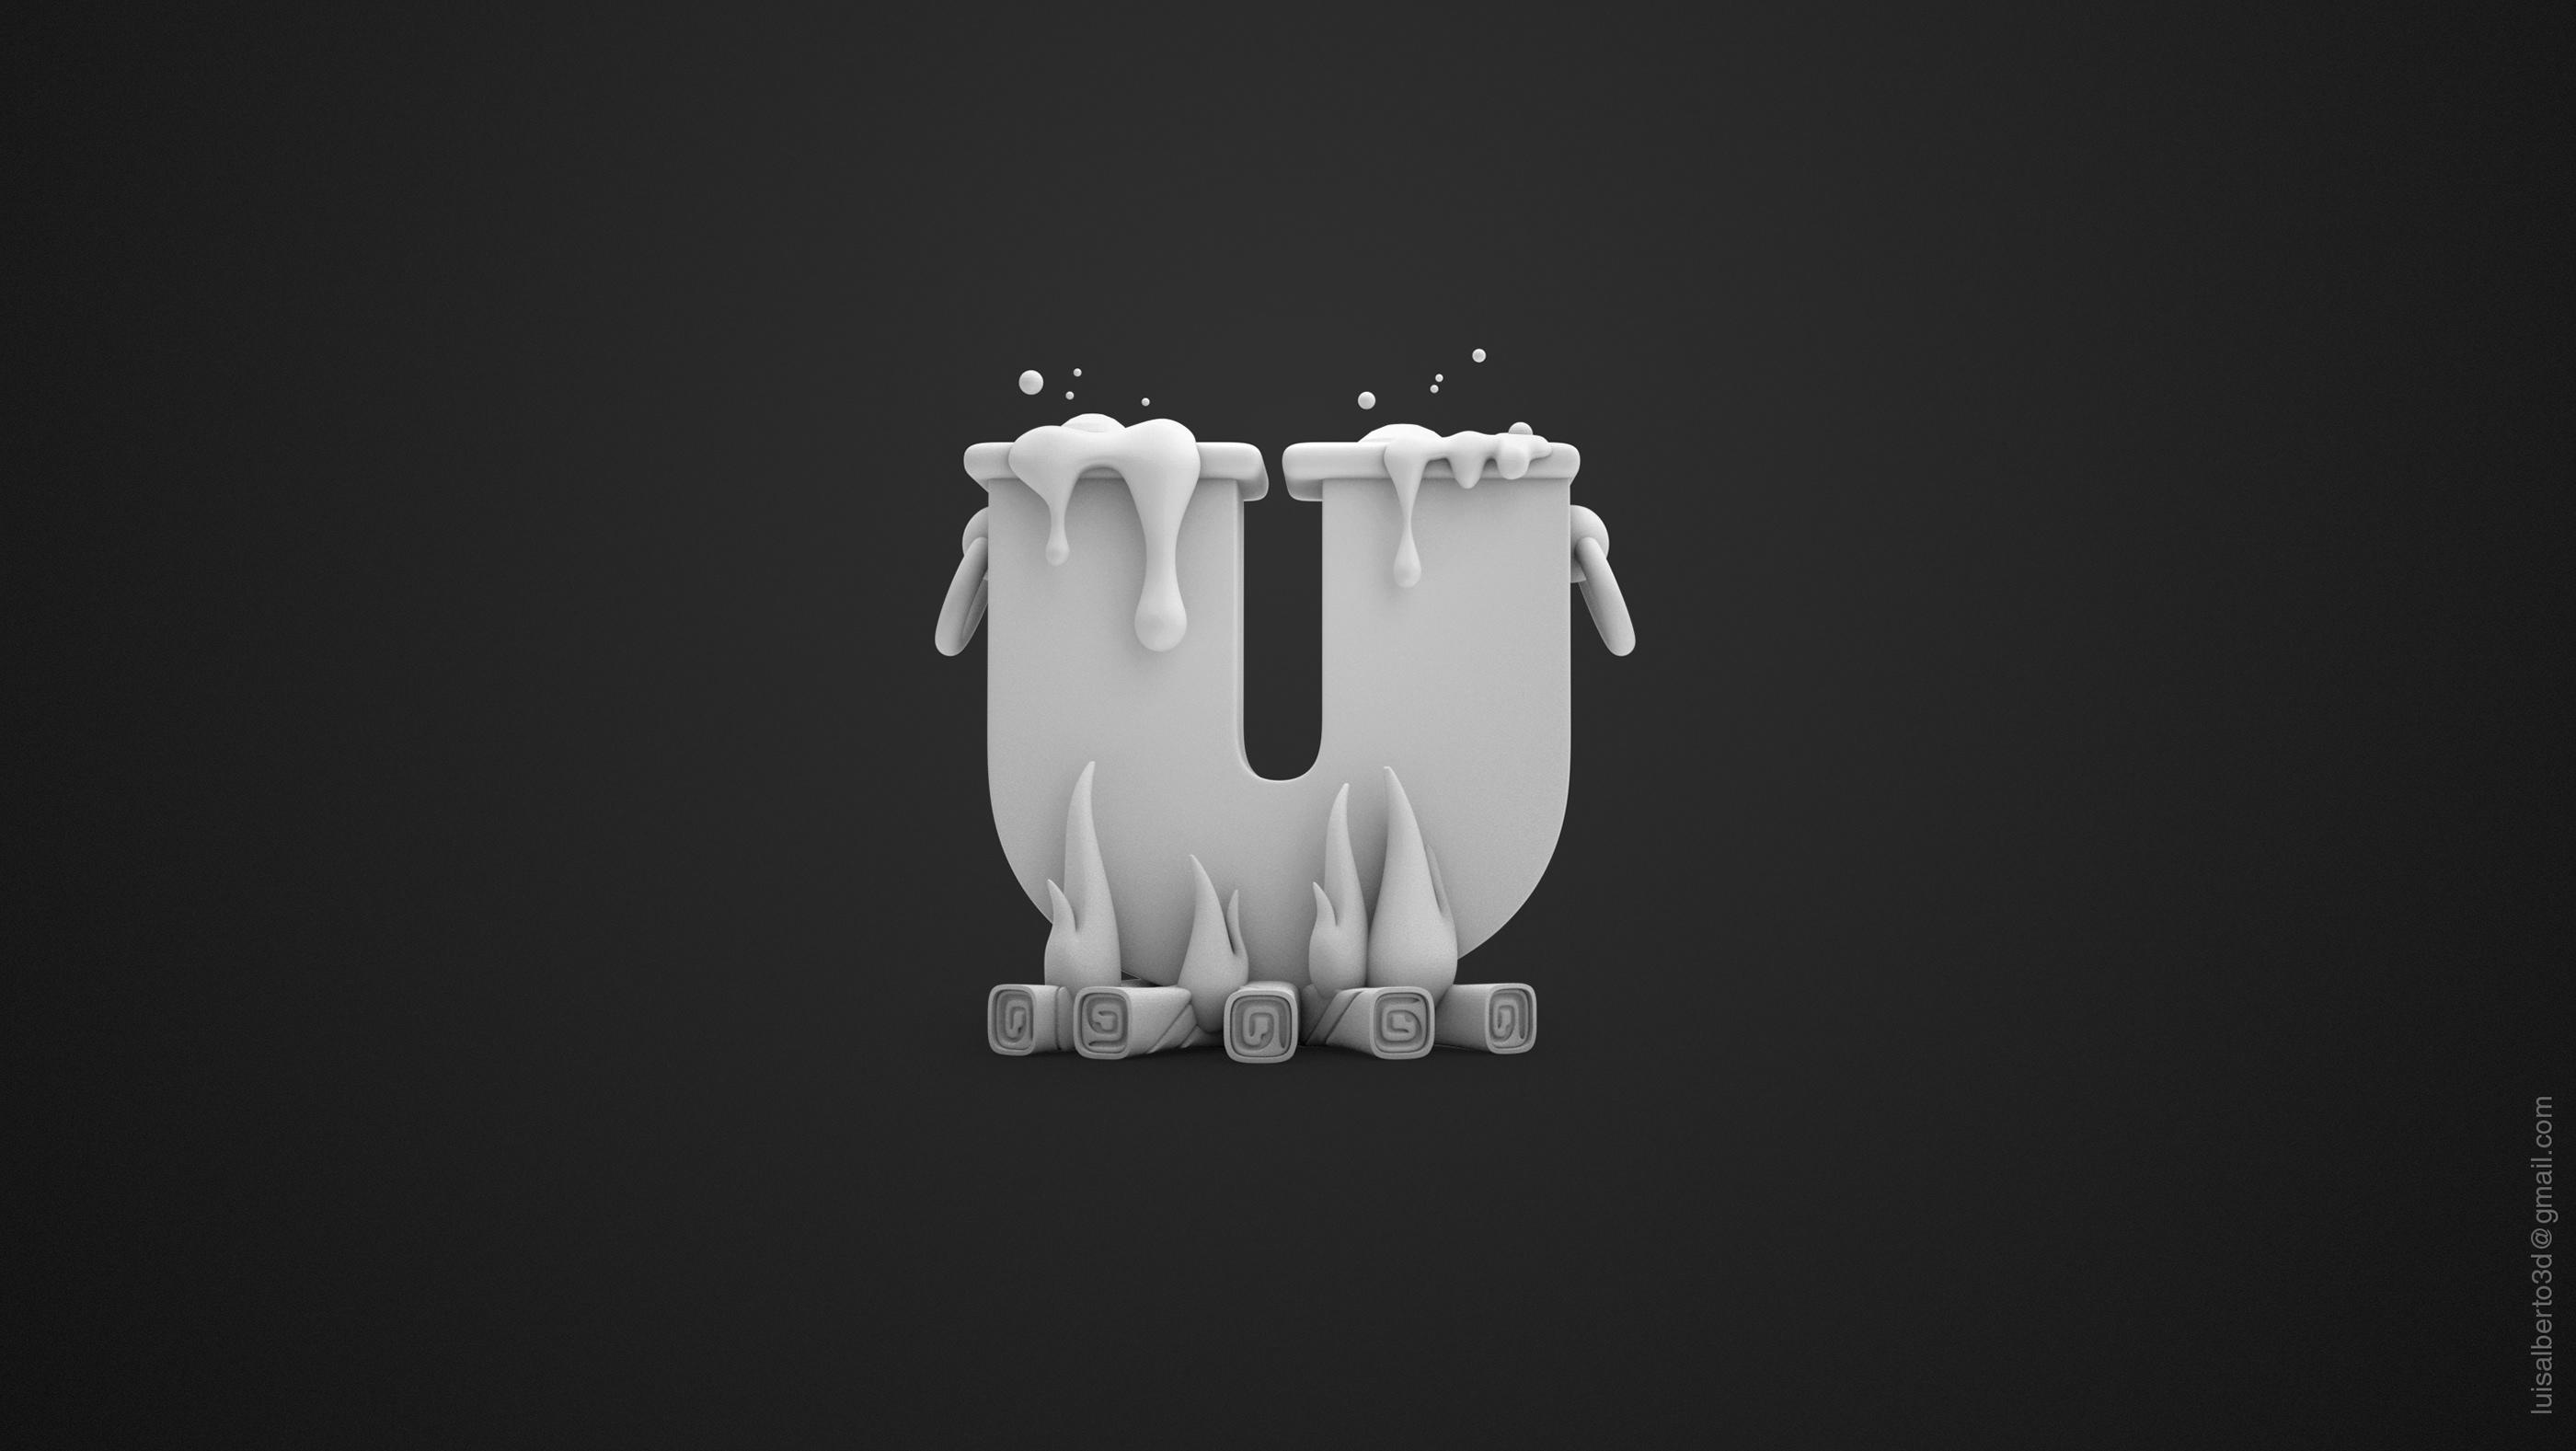 博文配图(迪士尼圣节logo)